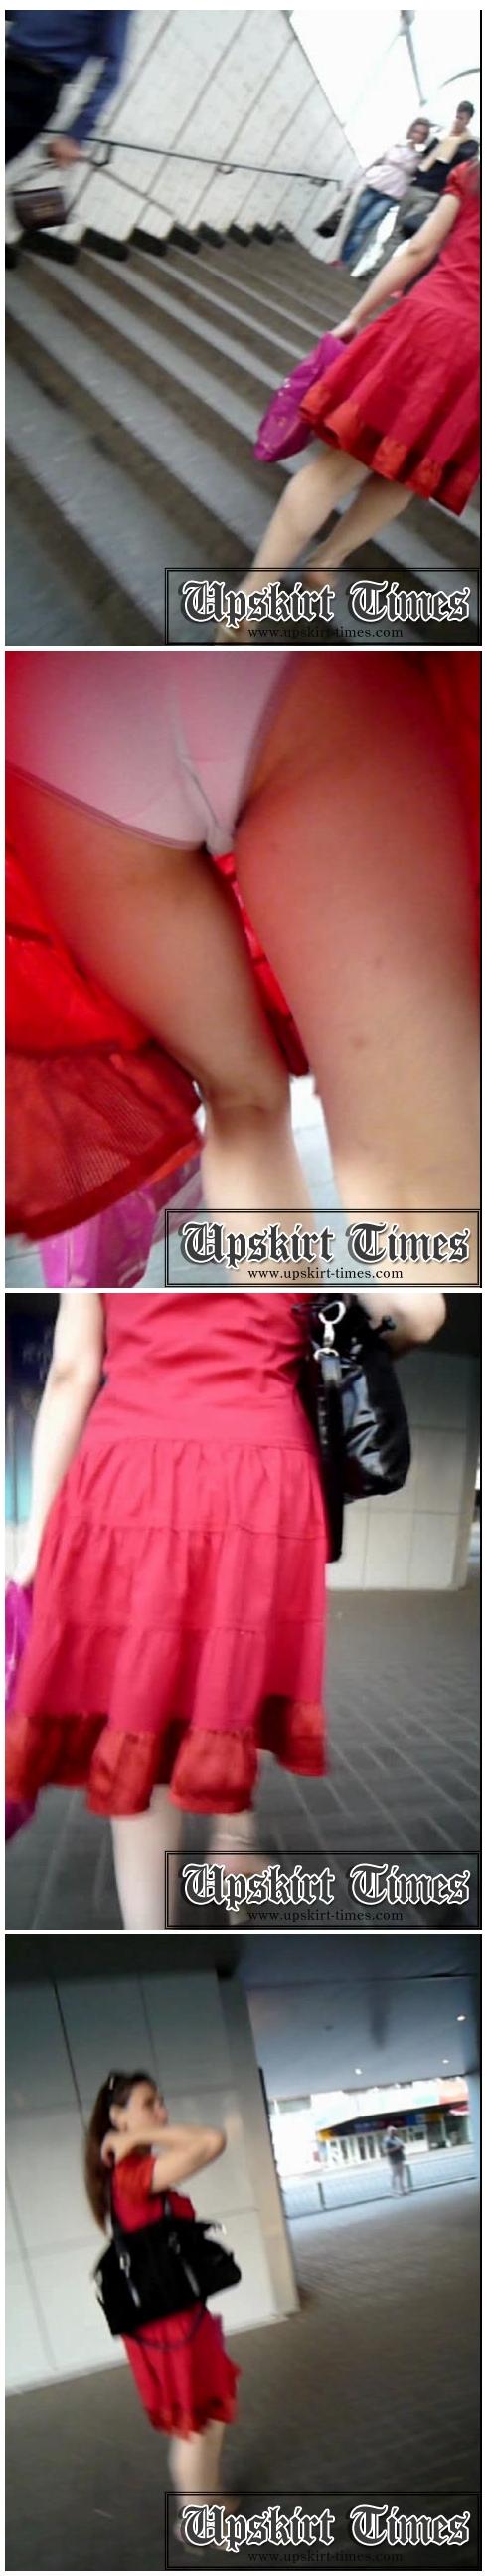 Upskirt-Times0222_cover.jpg